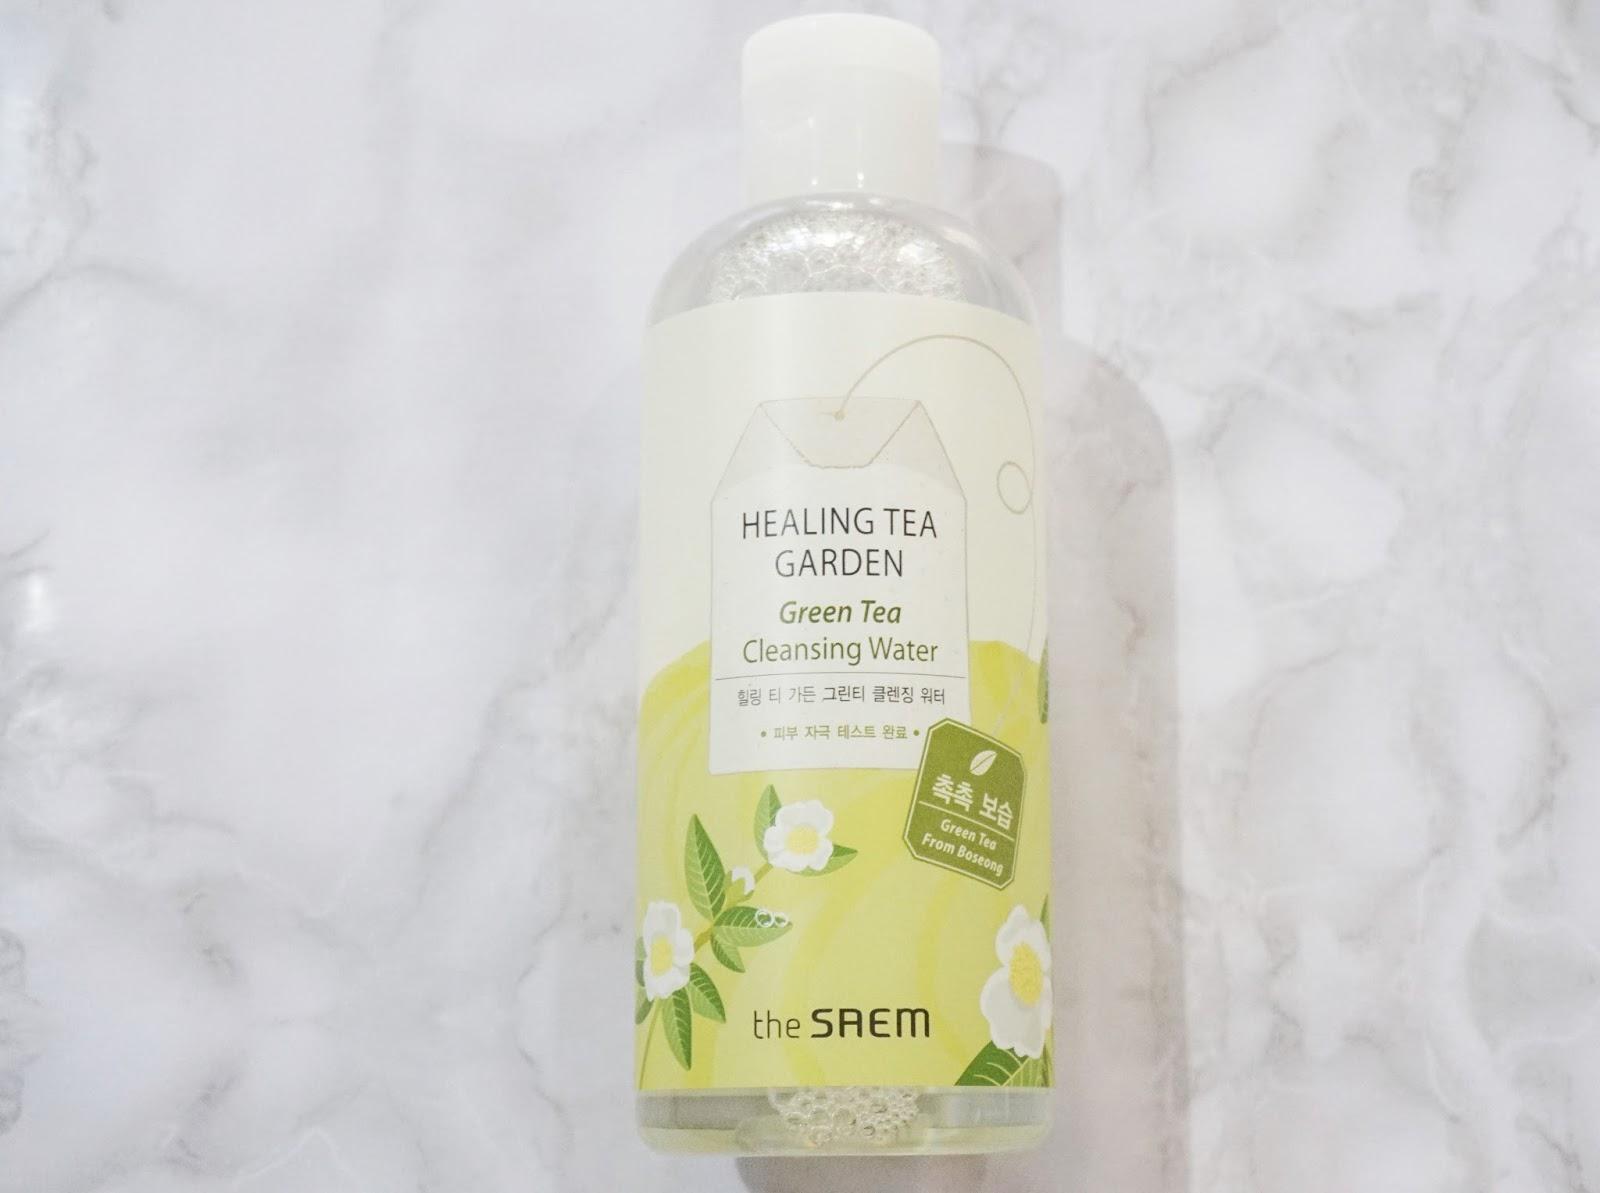 healing tea garden green tea cleansing water review